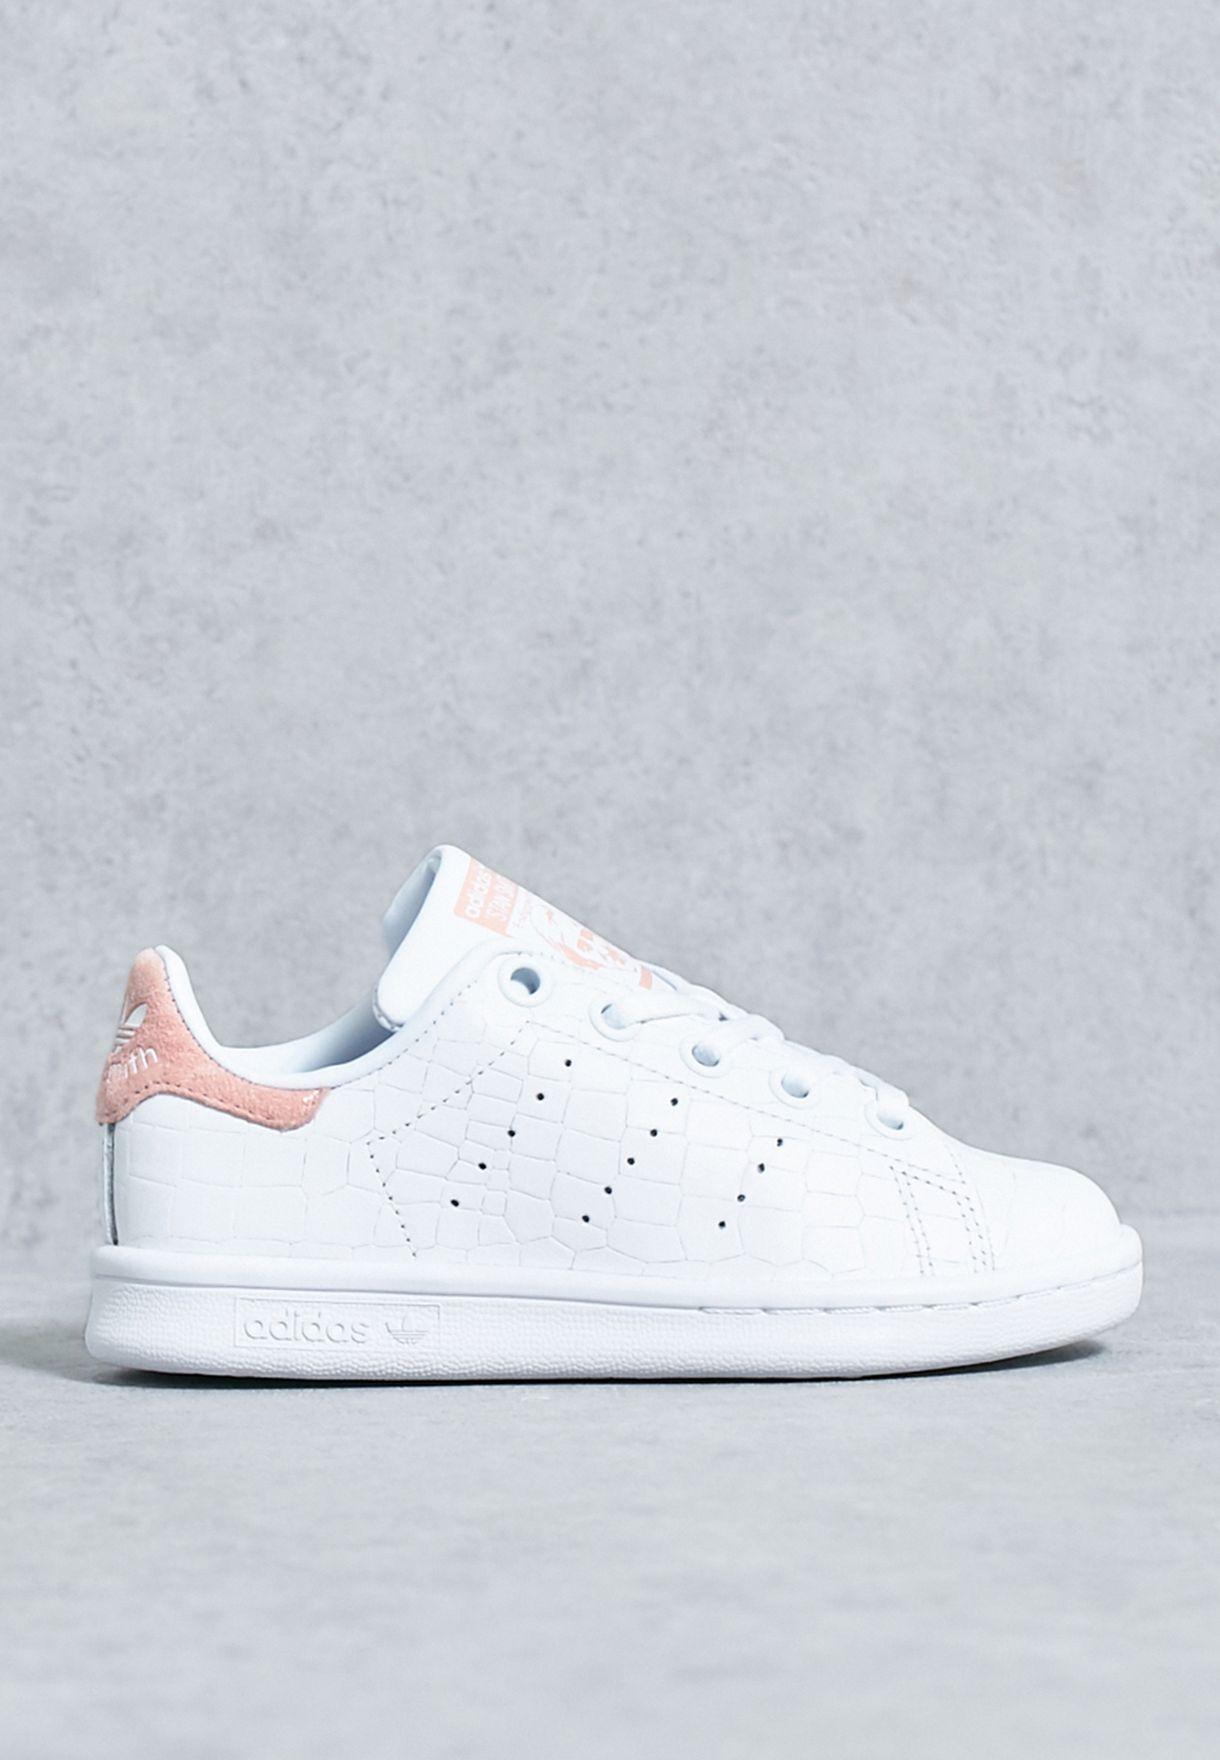 d38d560b8 تسوق حذاء ستان سميث سي ماركة اديداس اورجينال لون أبيض S76985 في قطر ...